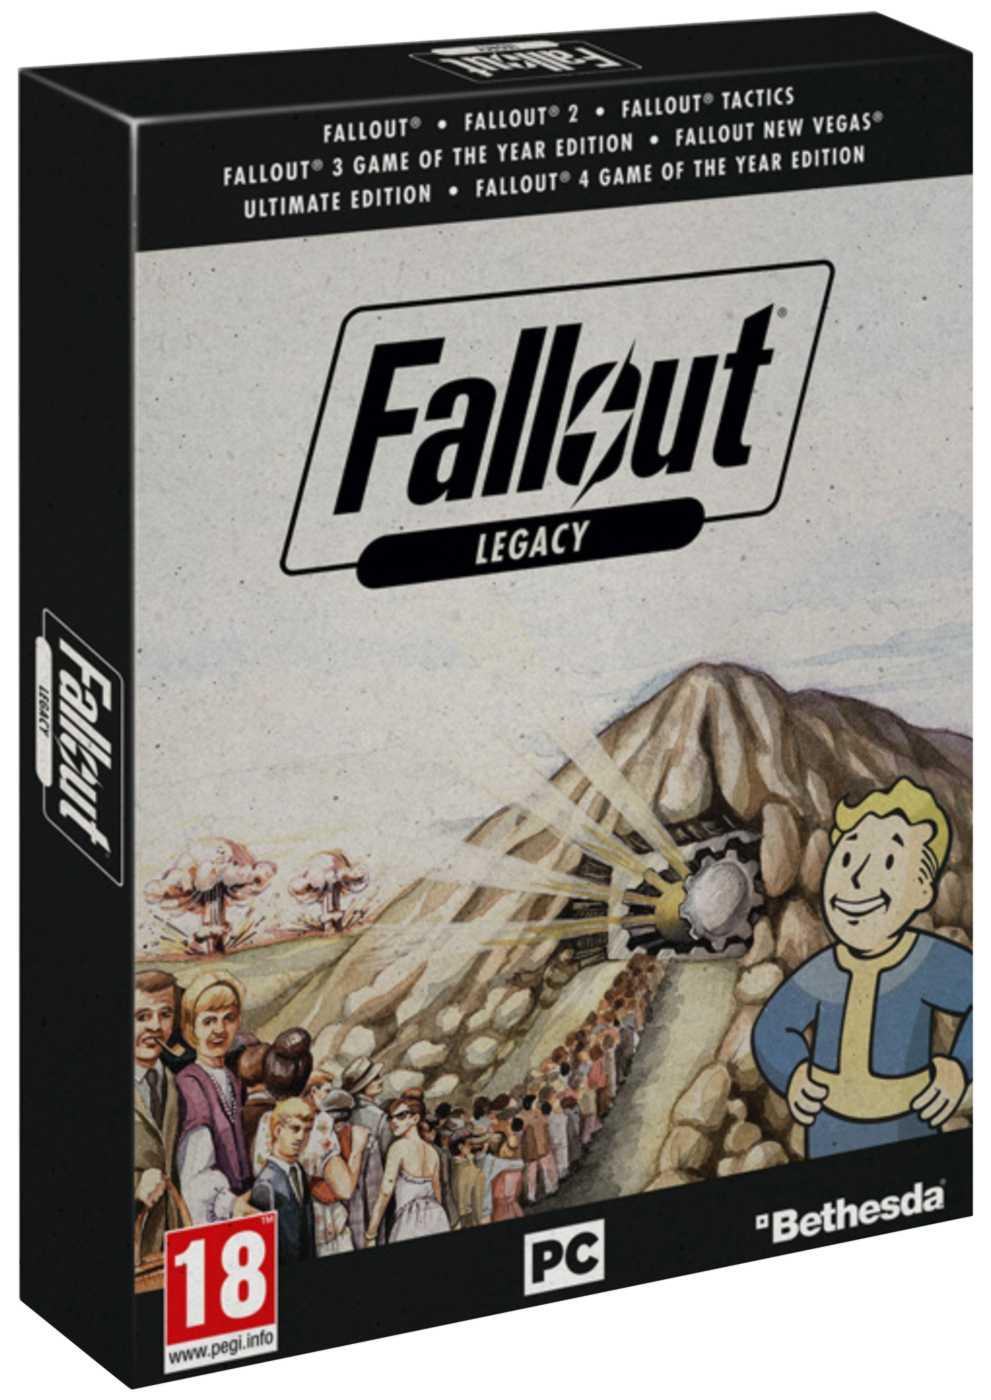 Fallout Legacy - PC